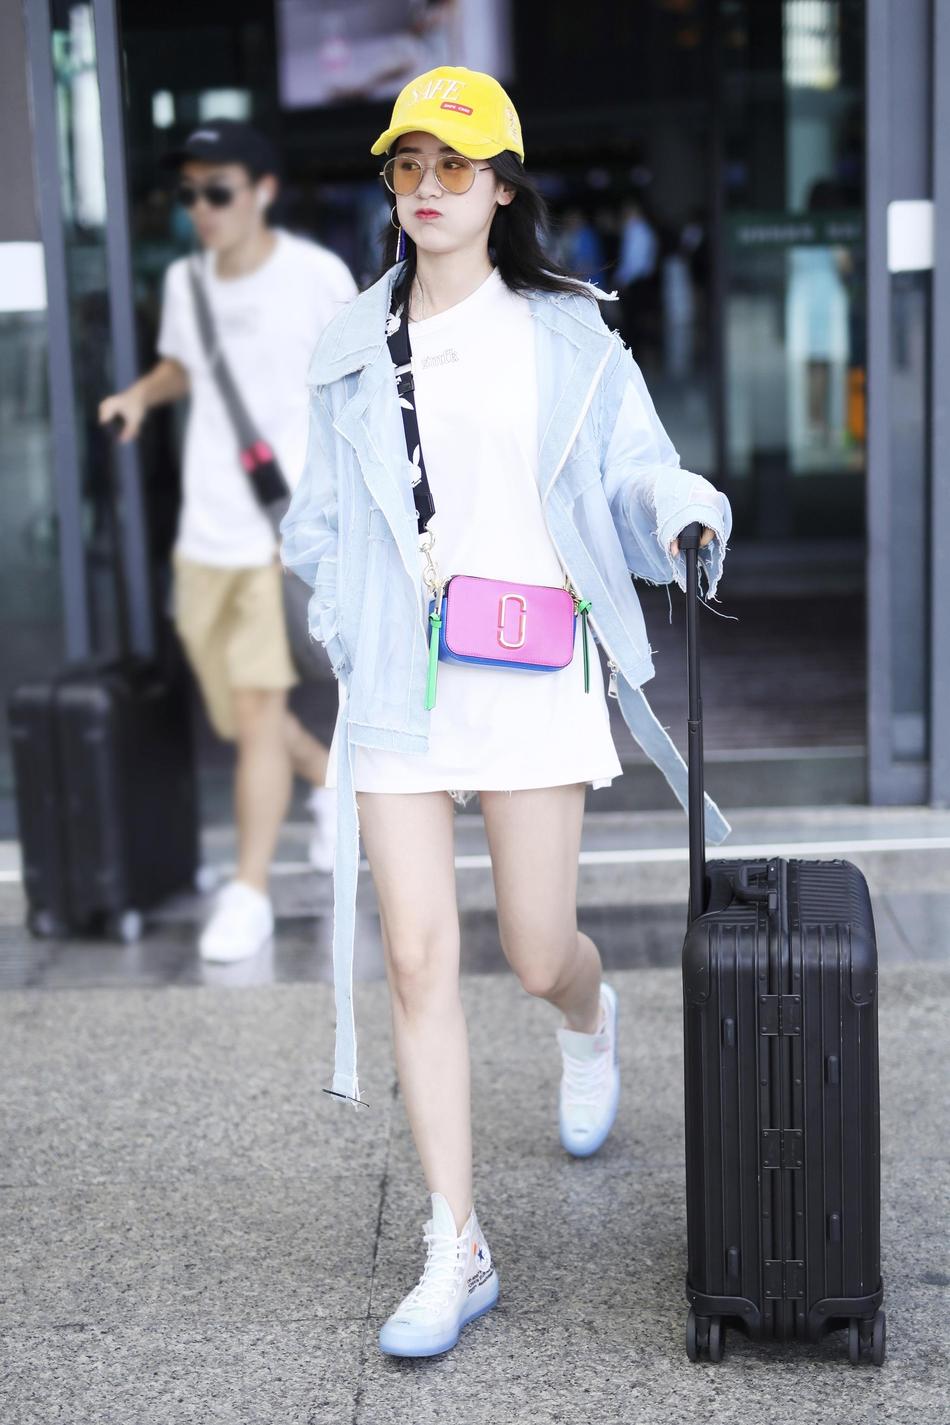 袁冰妍休闲搭配现身机场 糖果色配饰清新可爱